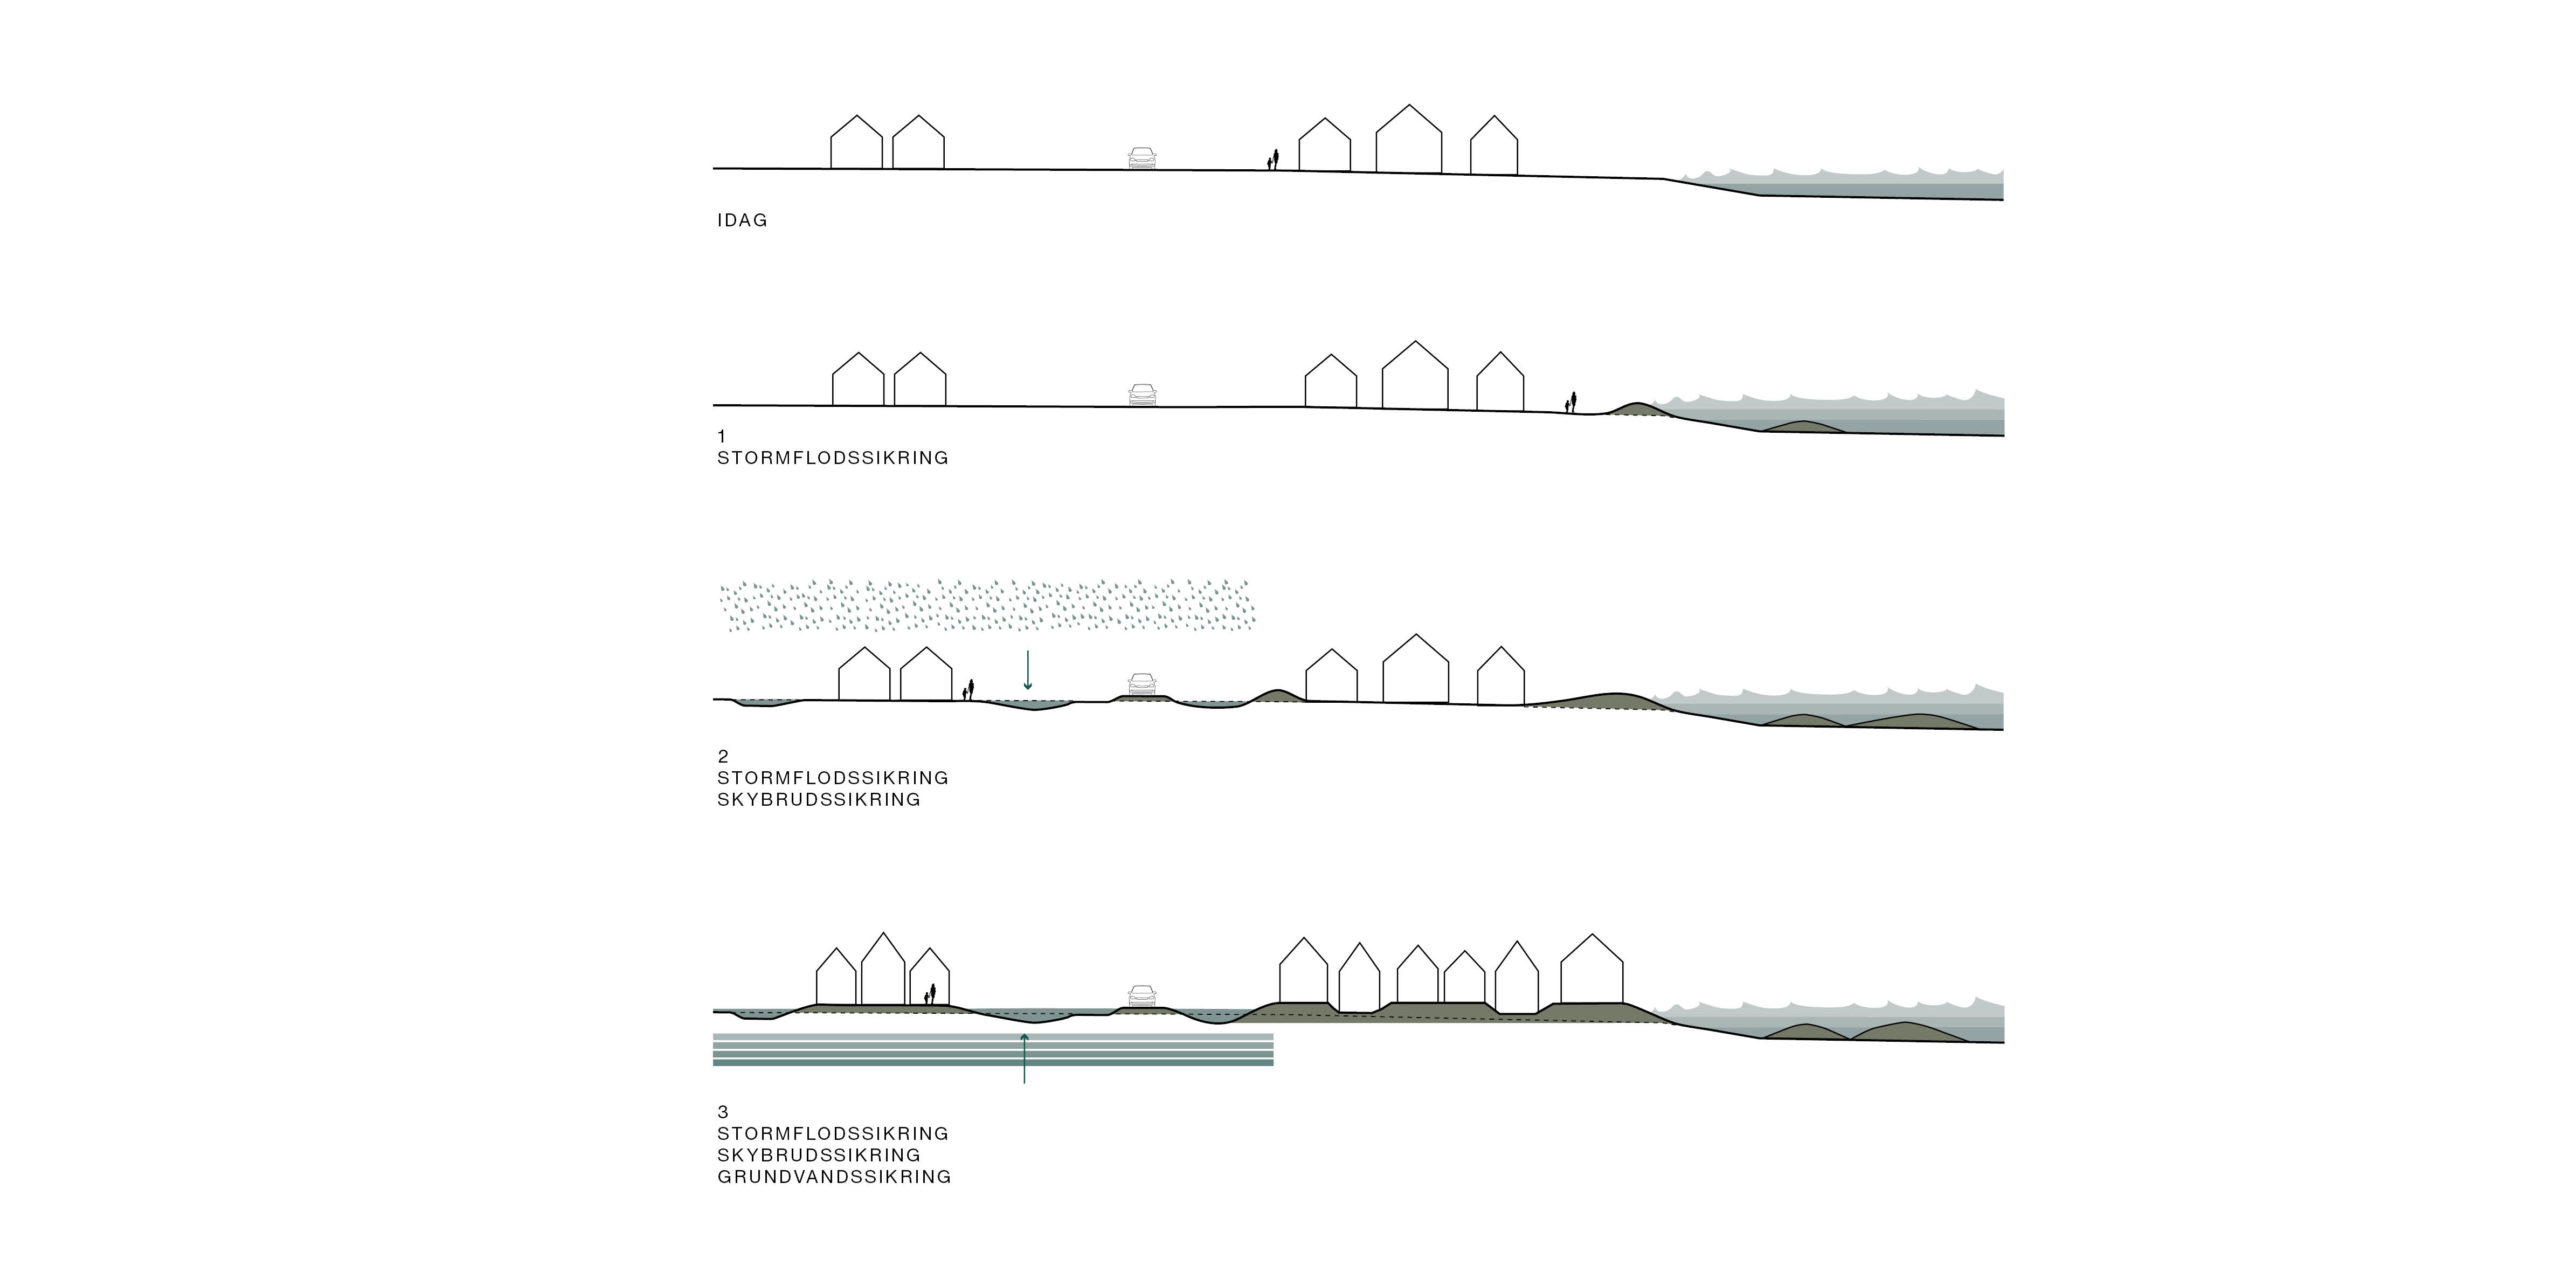 Diagrammer og snit2